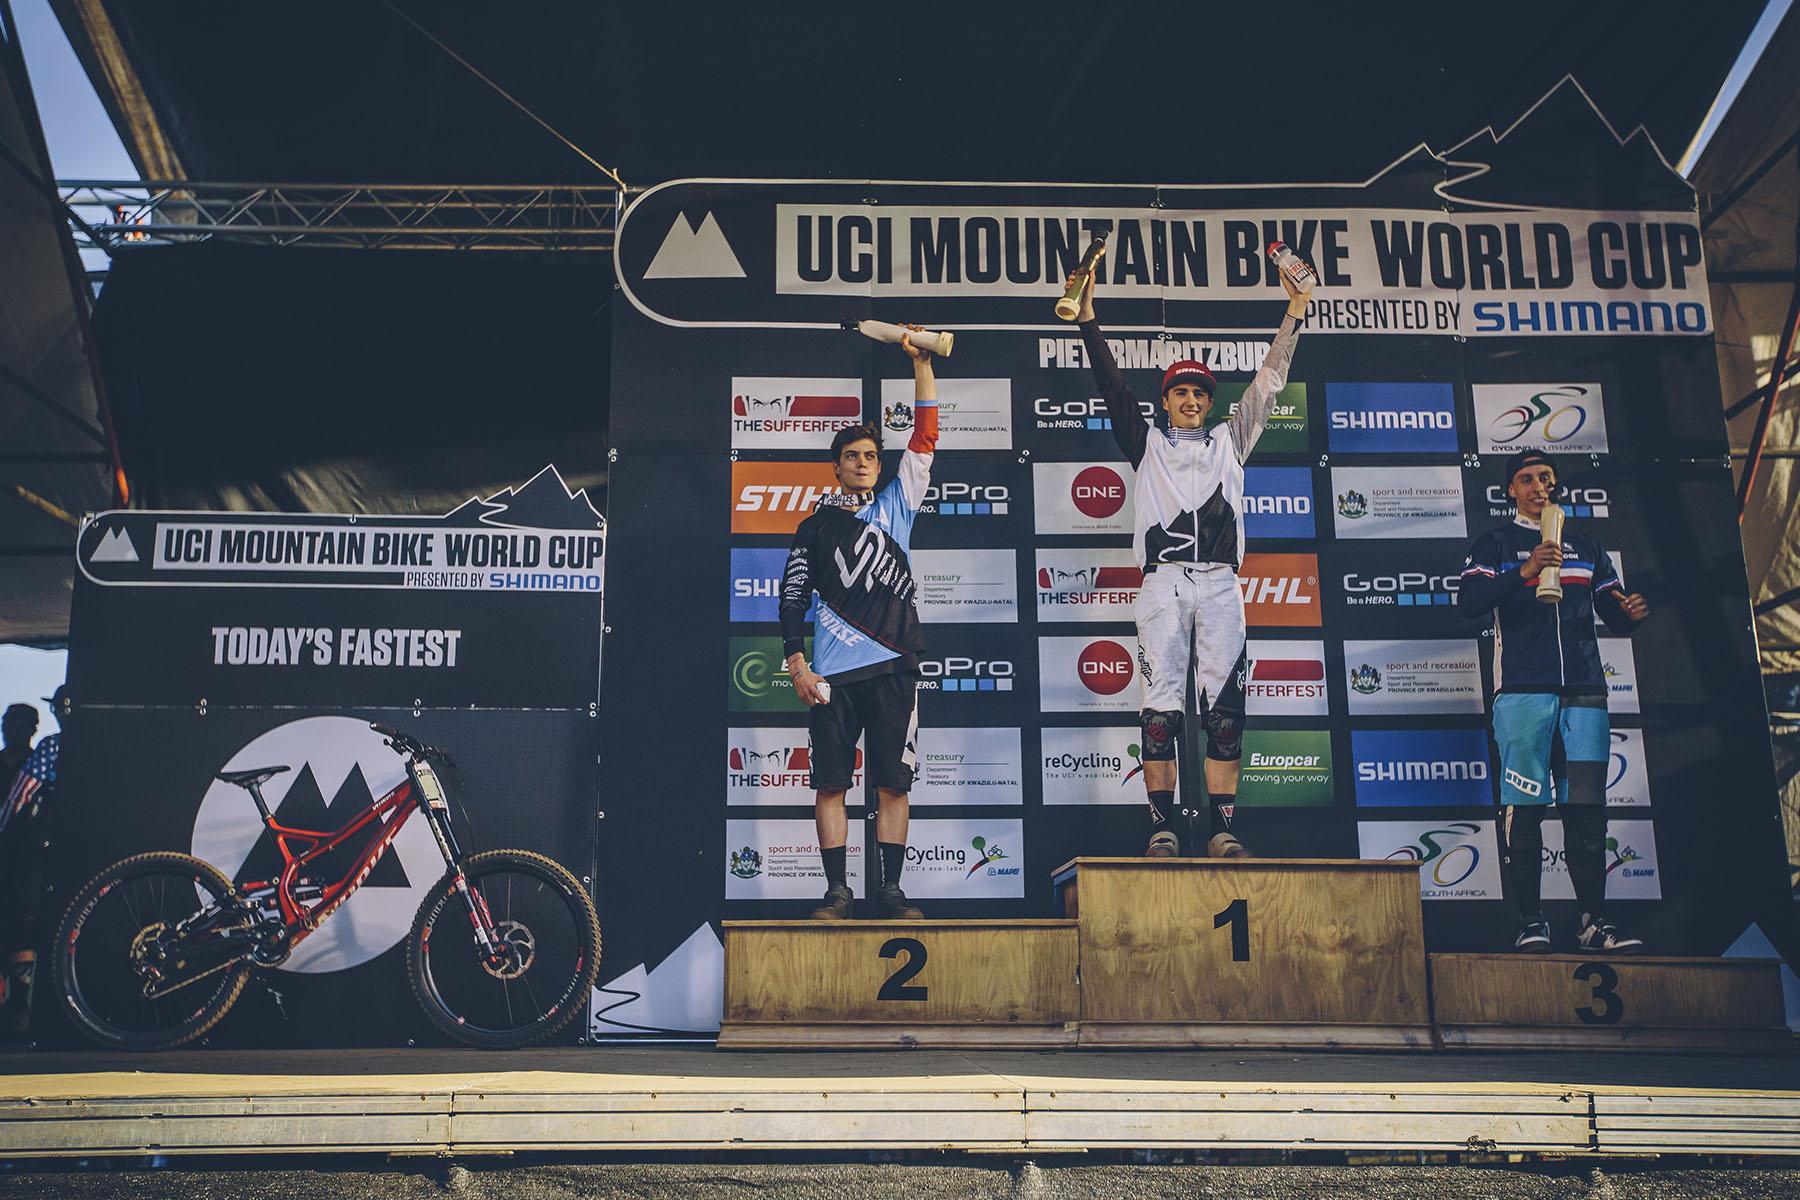 Bei den Junioren gewannen Luca Shaw, Loris Vergier und Amaury Pierron.